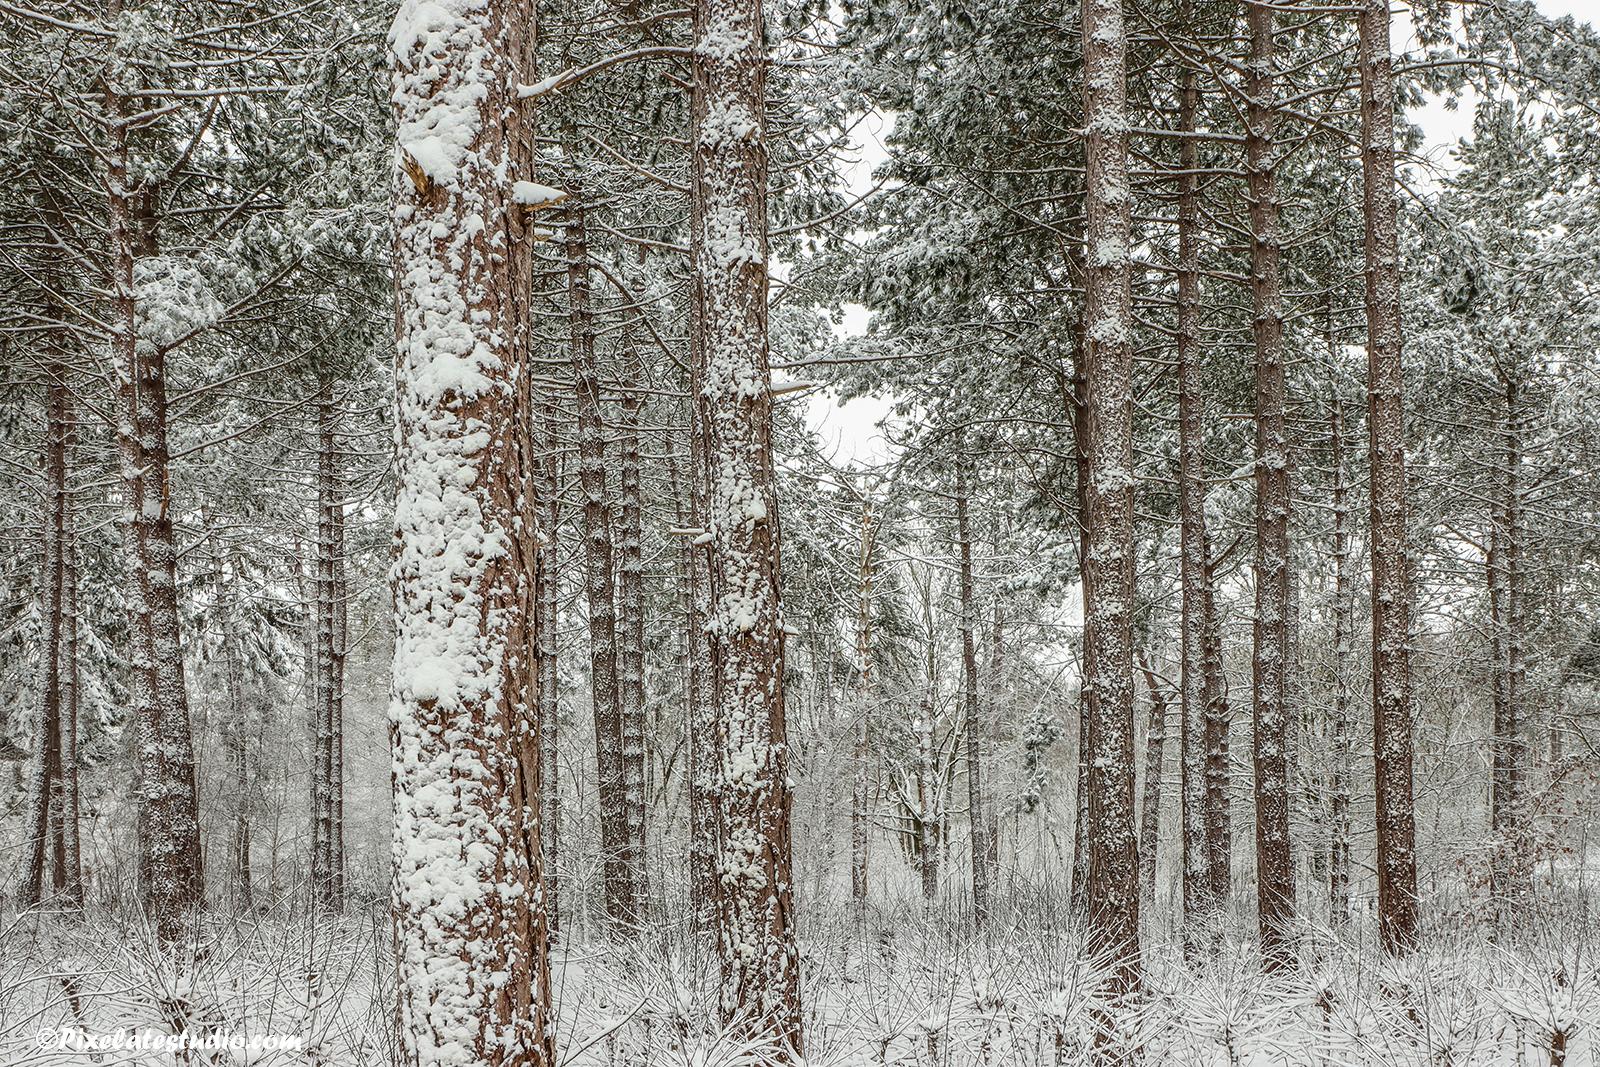 mooie foto van met sneeuw bedekte dennenbomen